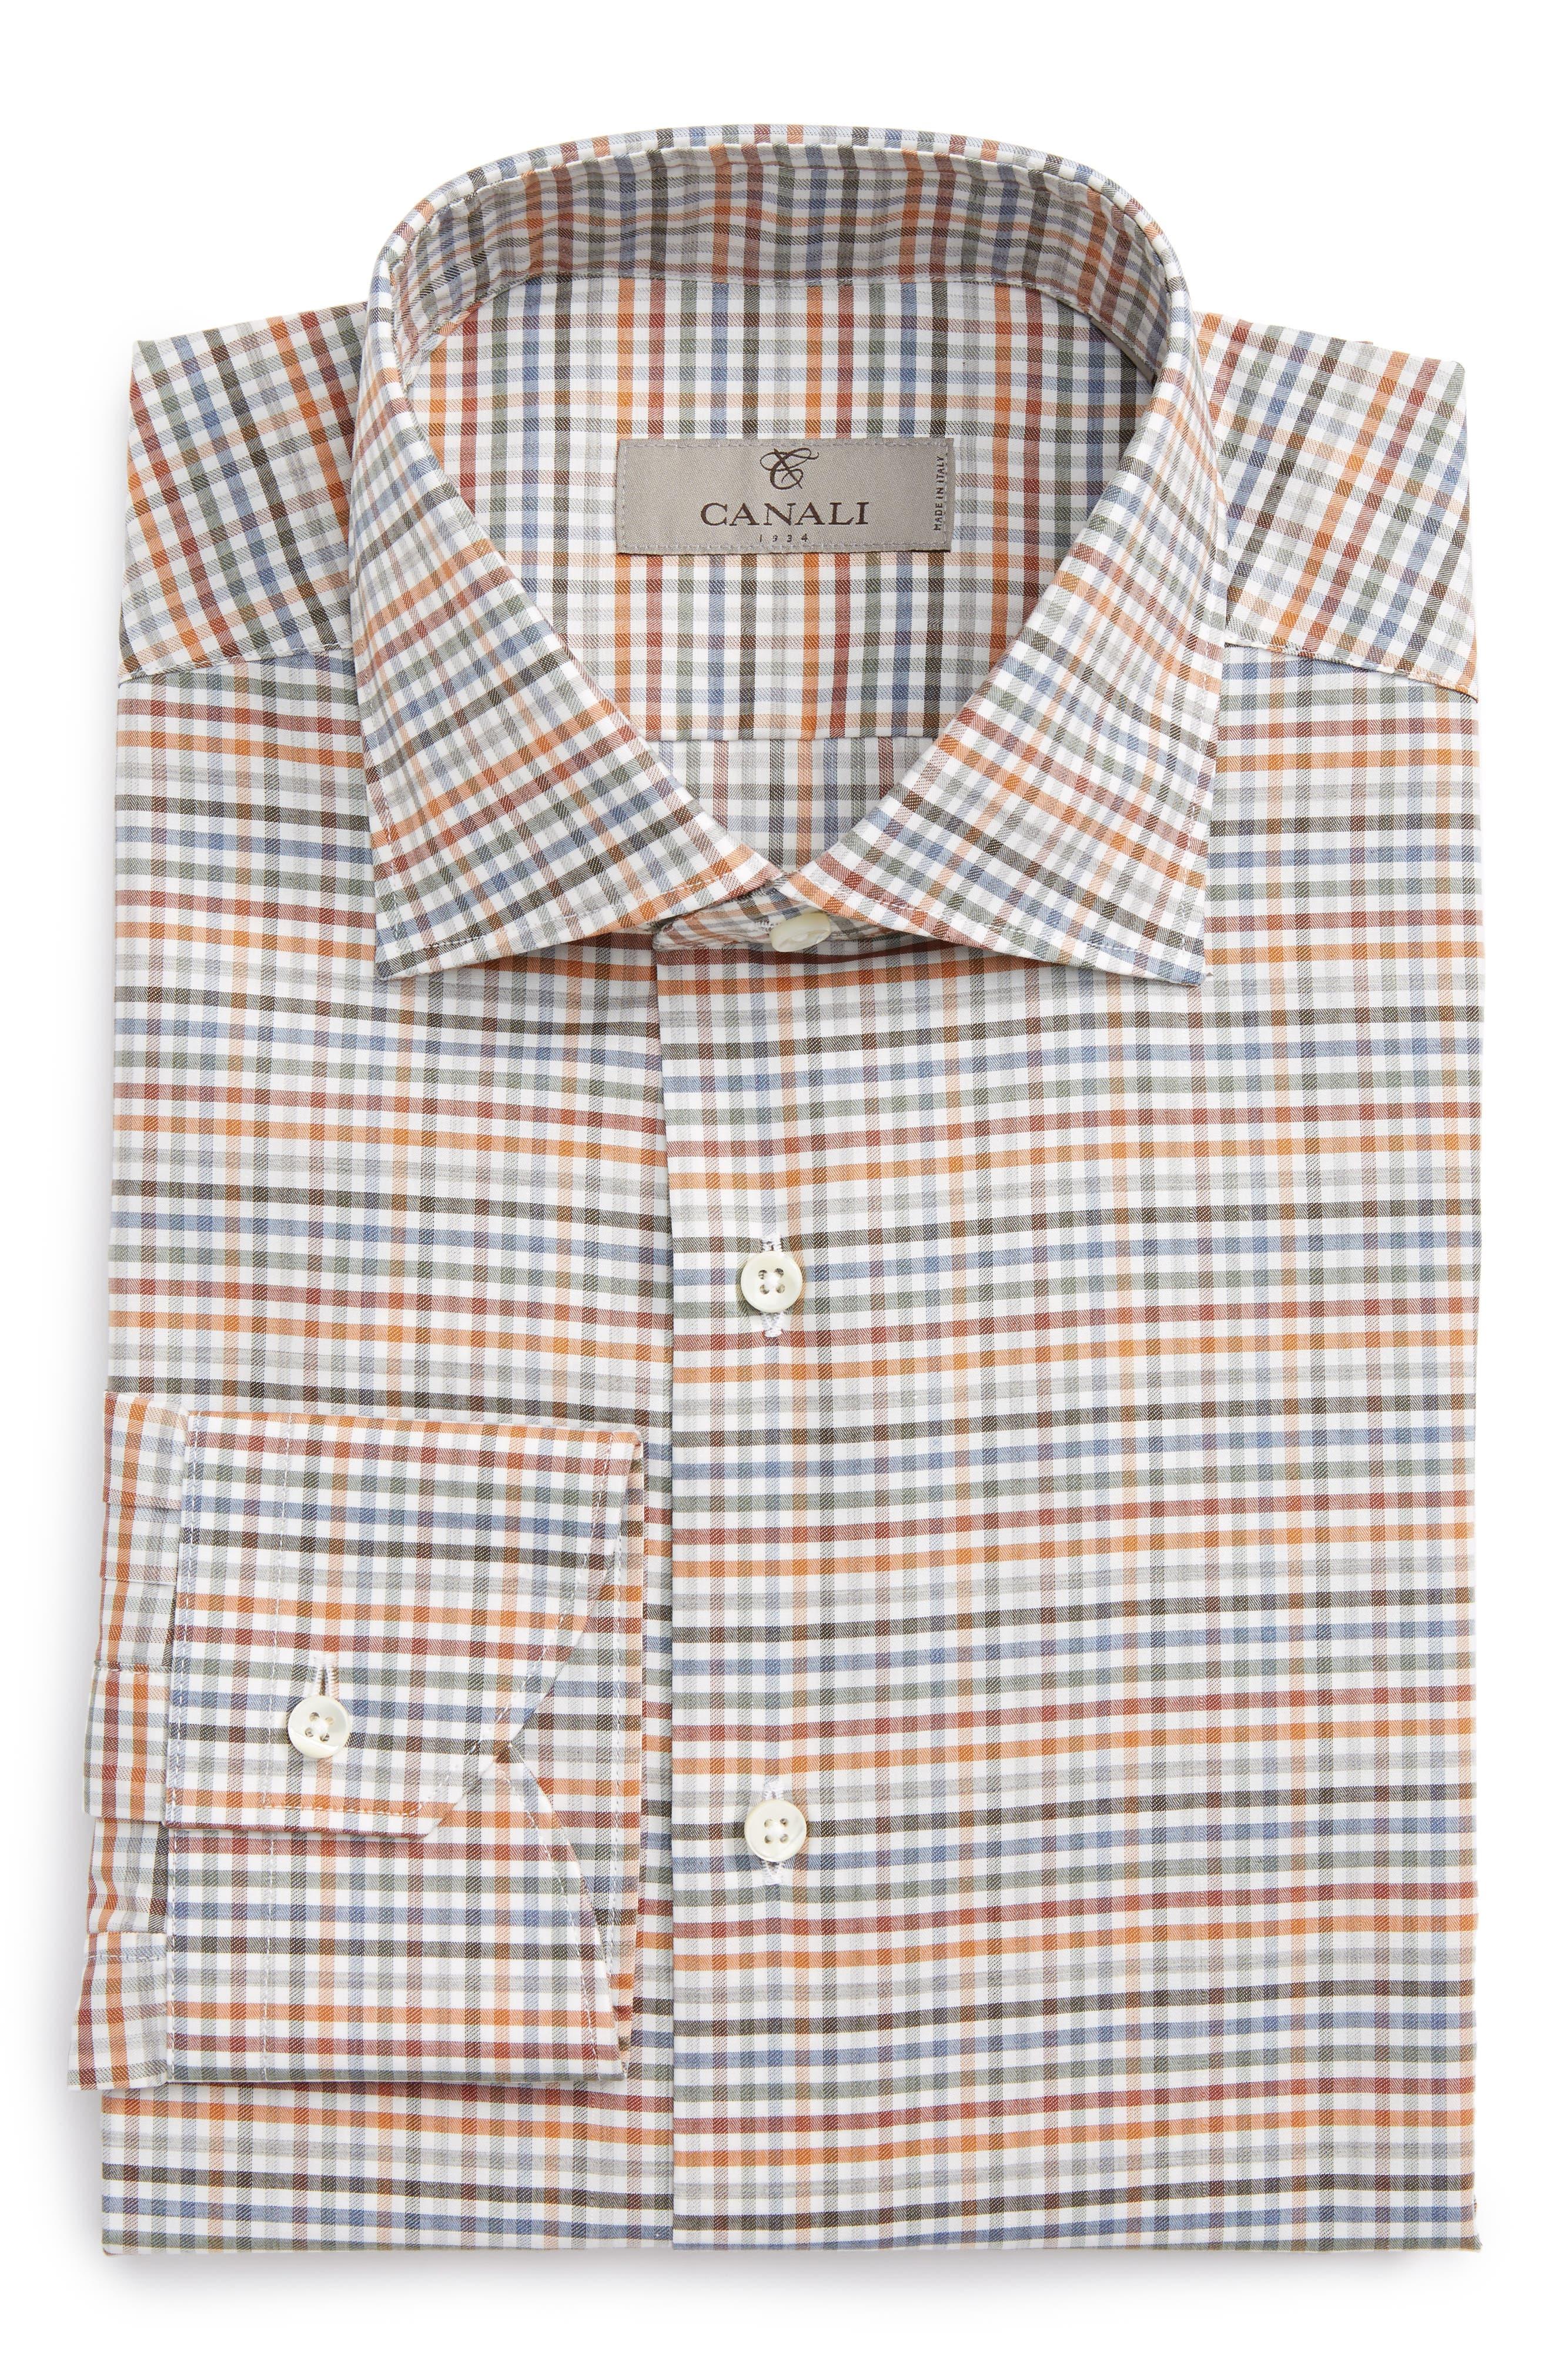 Regular Fit Check Dress Shirt,                             Main thumbnail 1, color,                             300